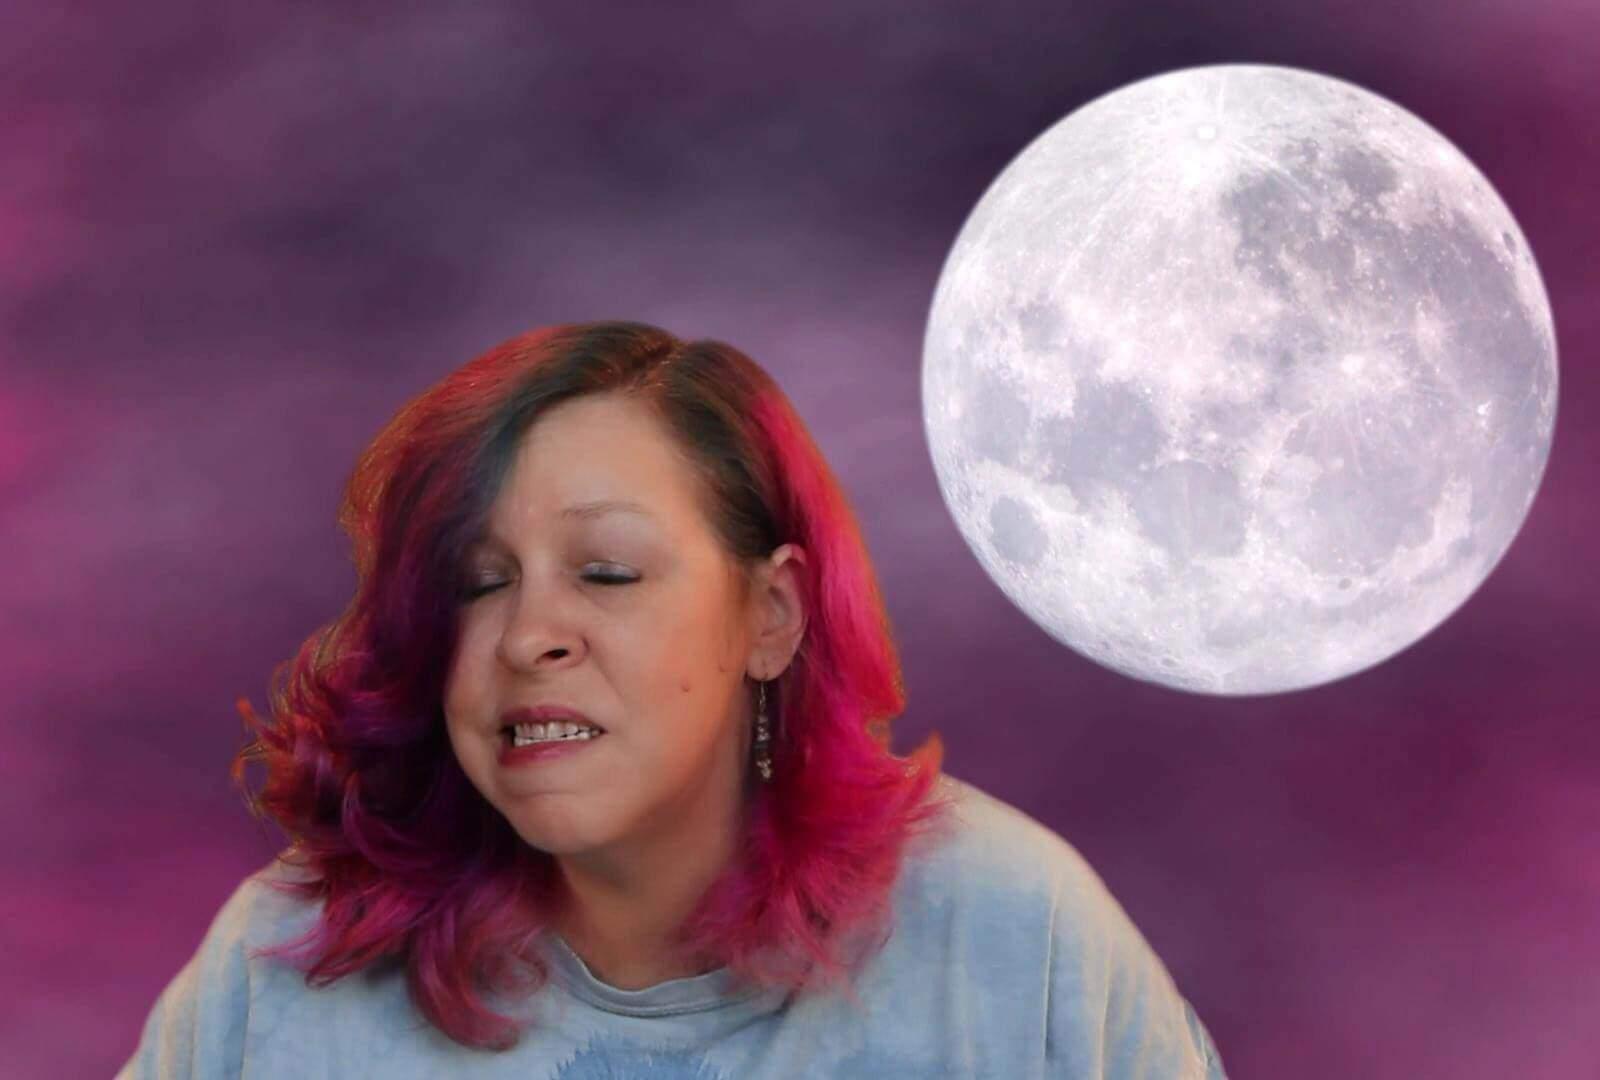 Incoming Full Moon in Scorpio